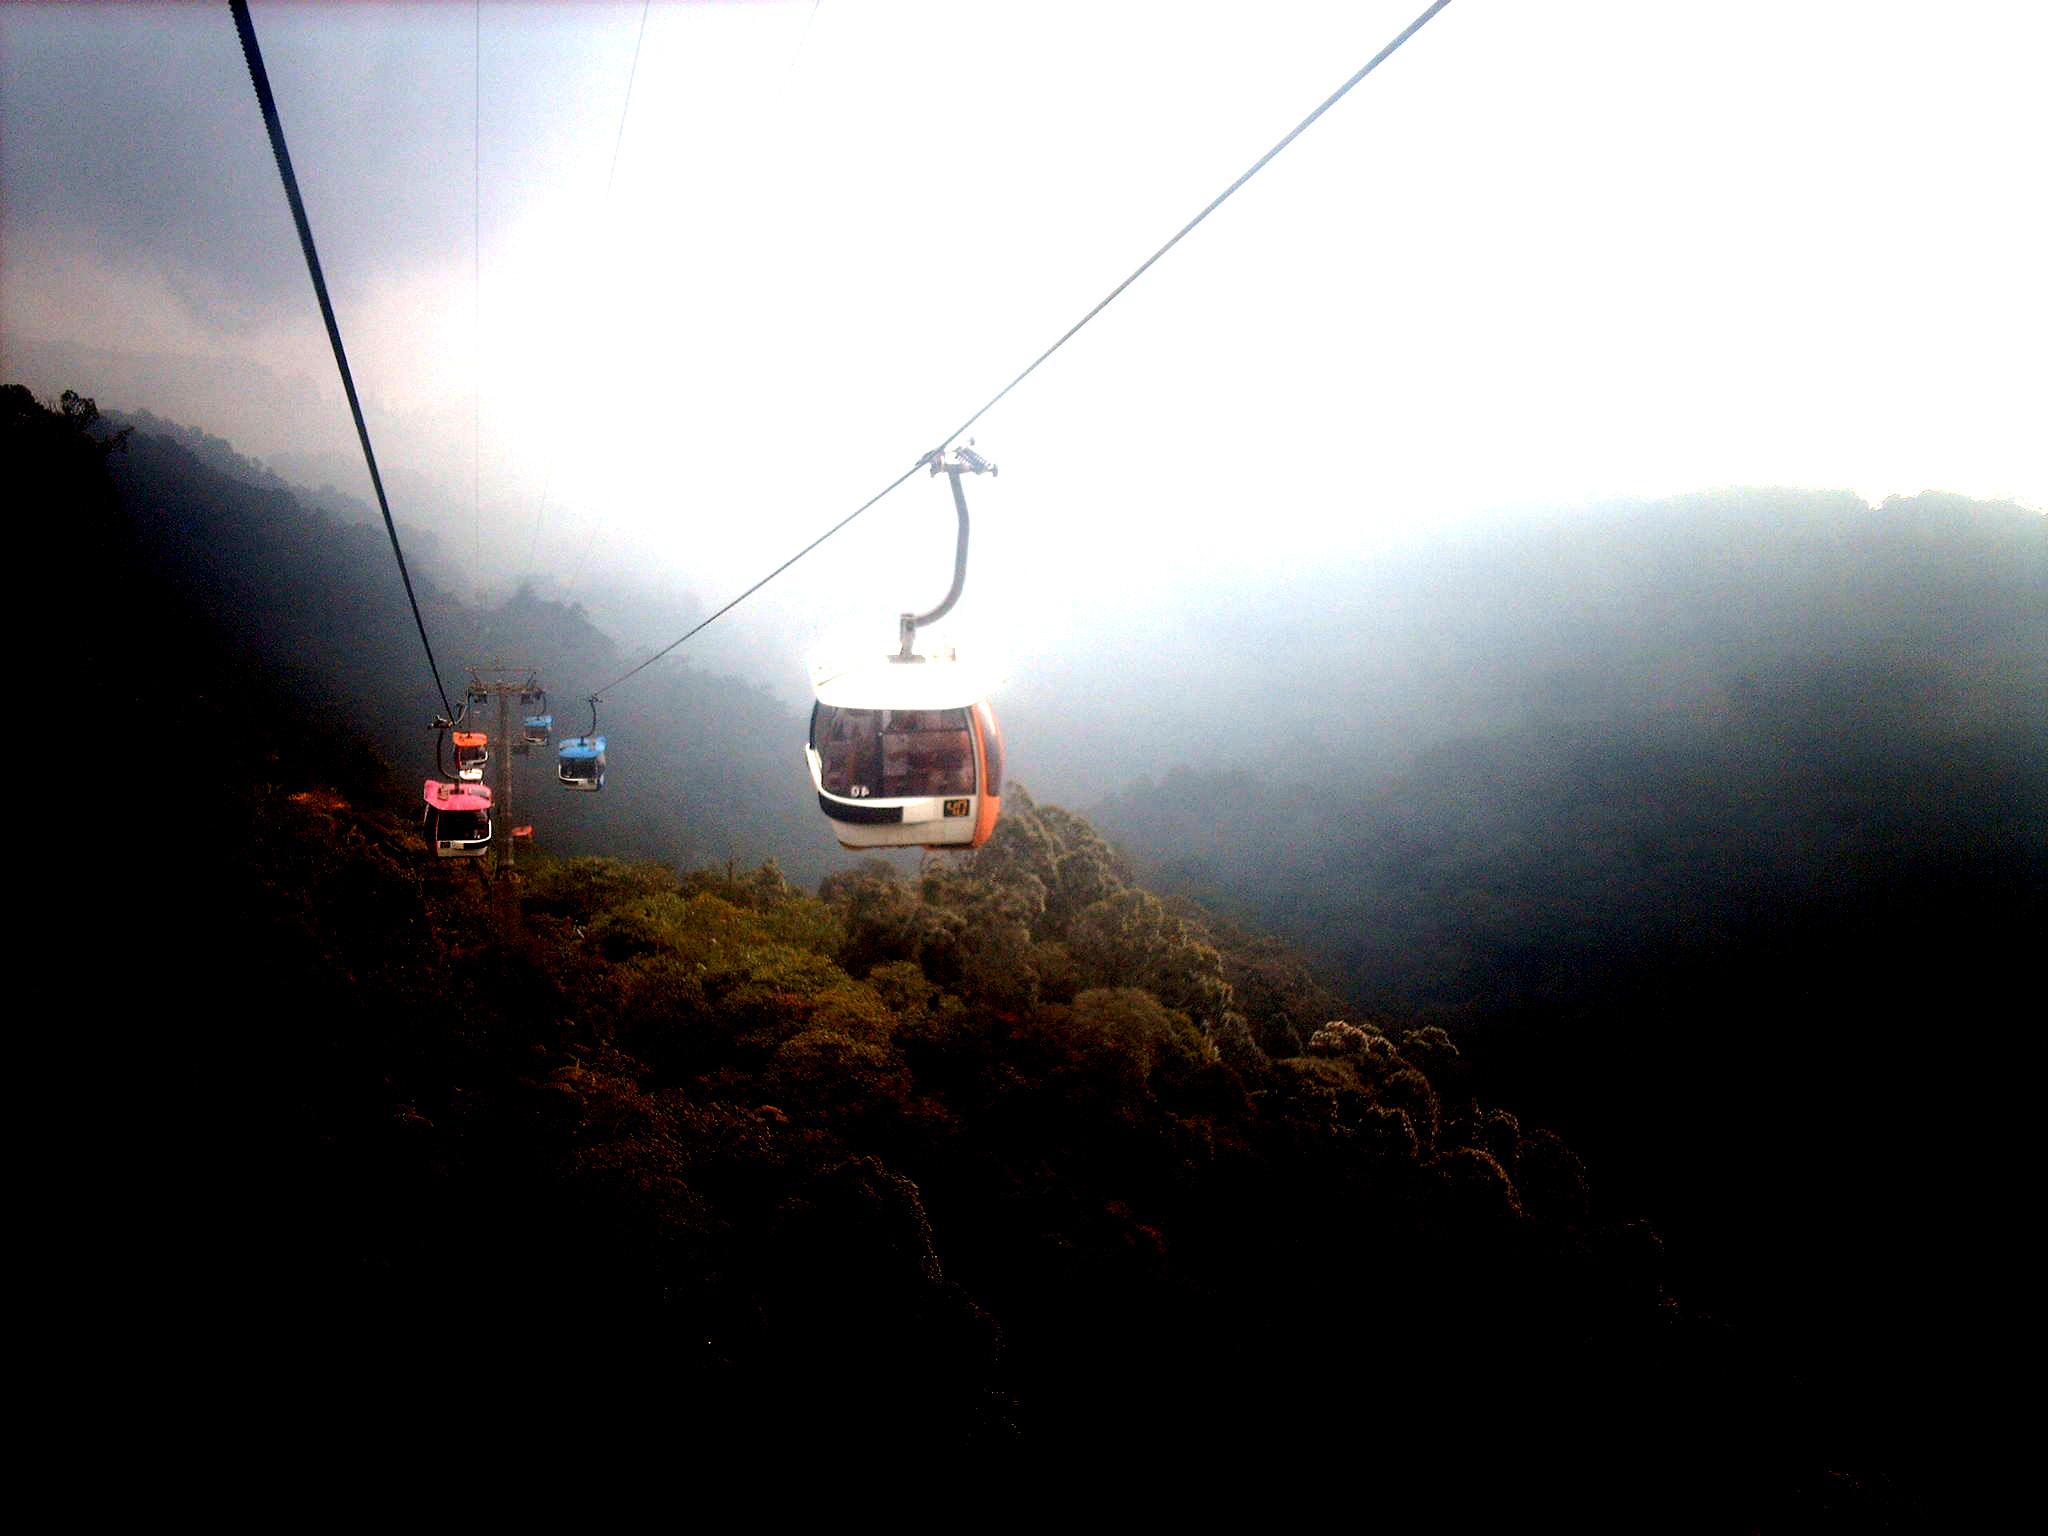 Gondola lift - Wikipedia